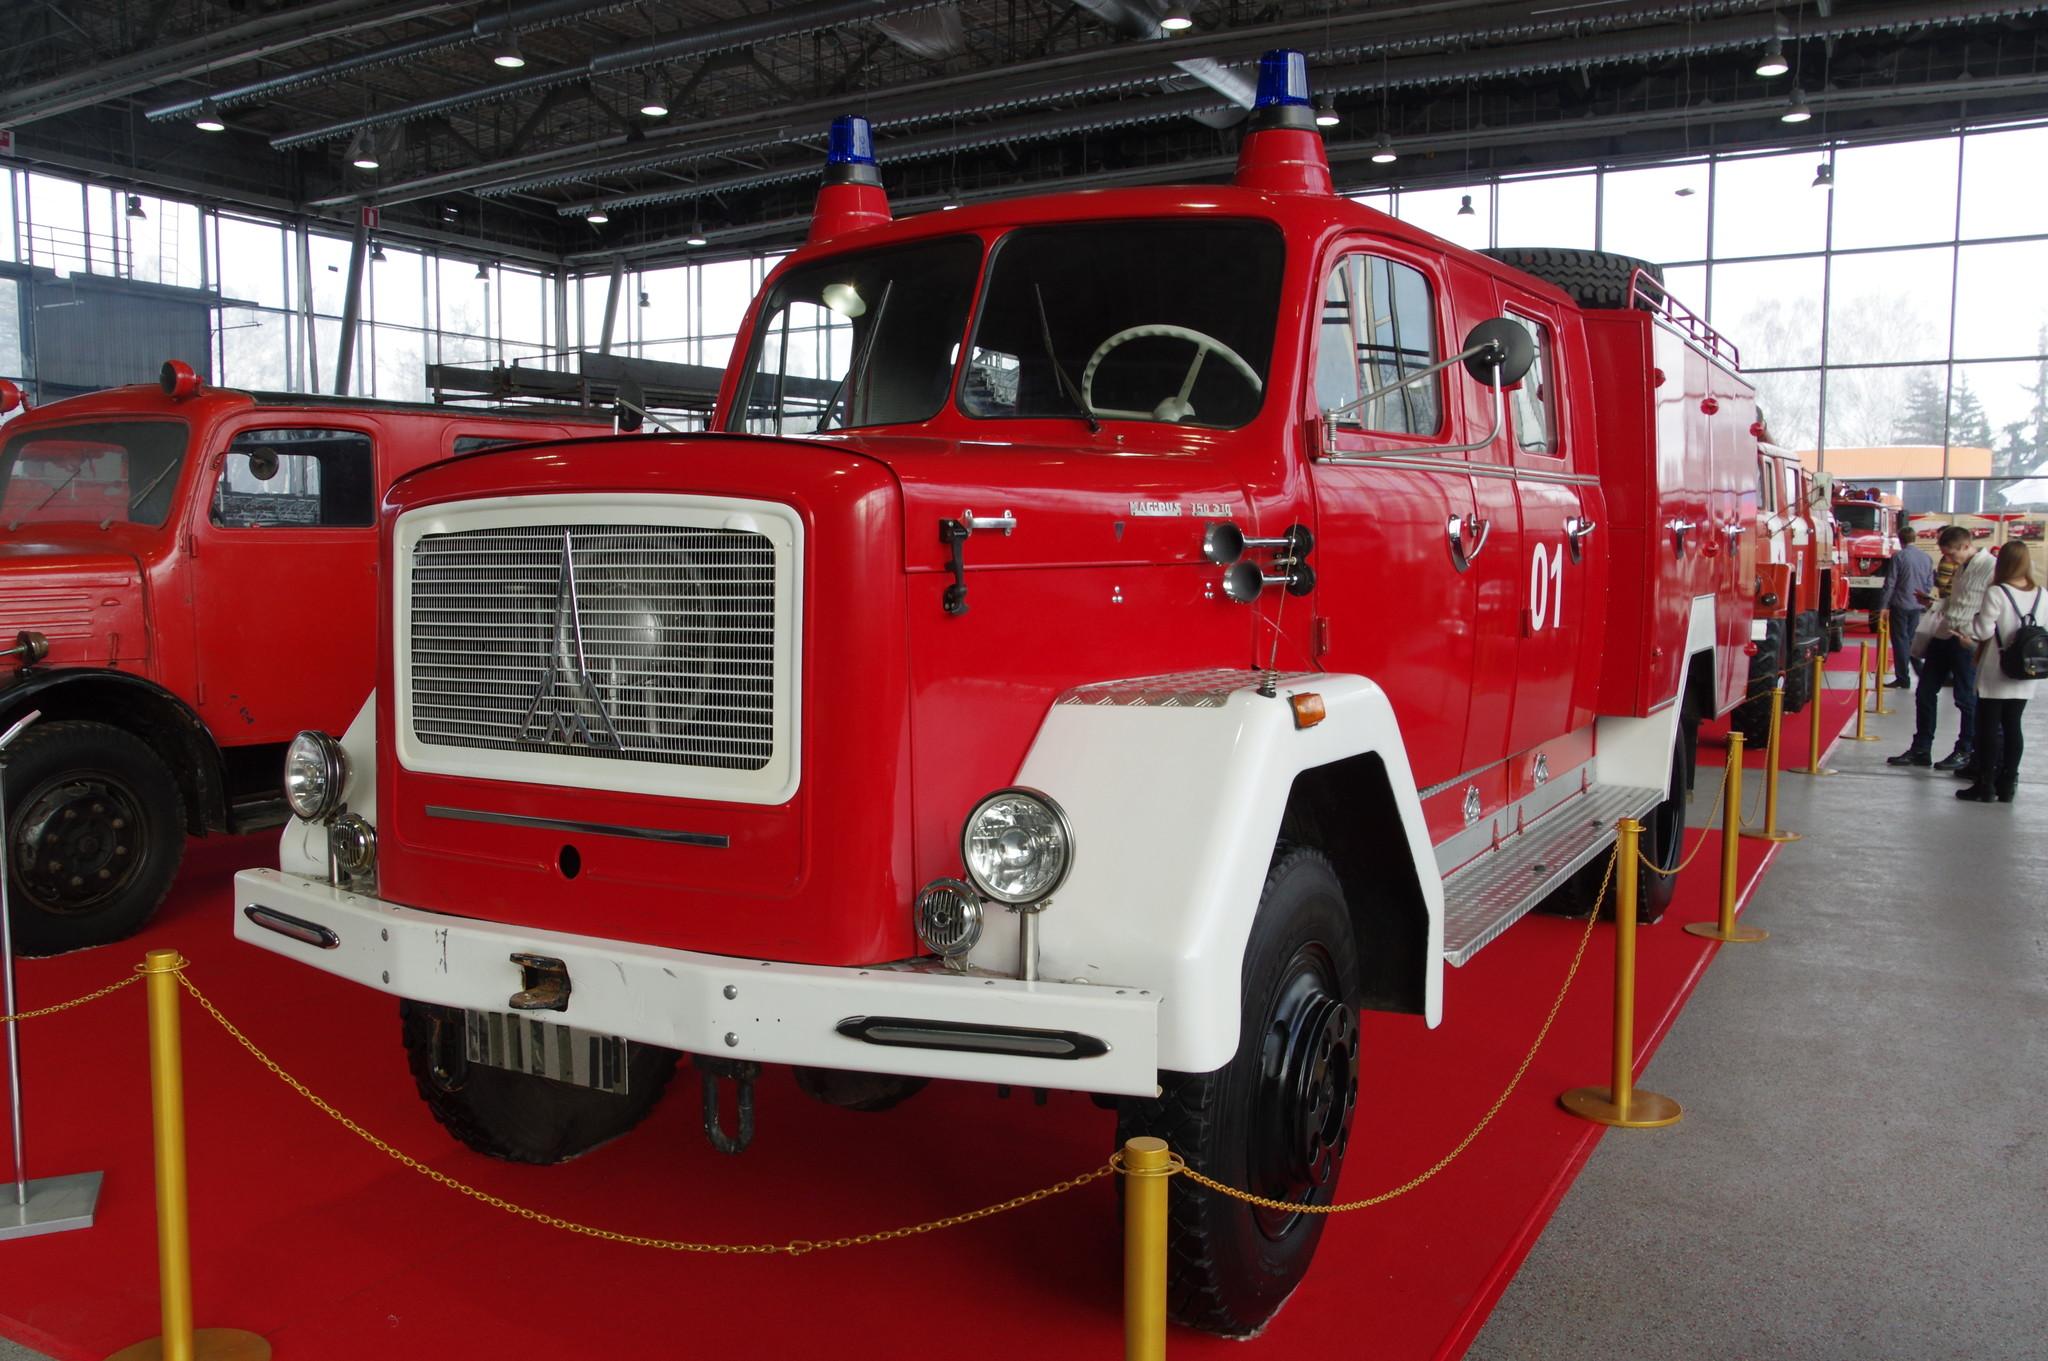 Пожарная машина Magirus-Deutz 150 D10 (1966 г.)